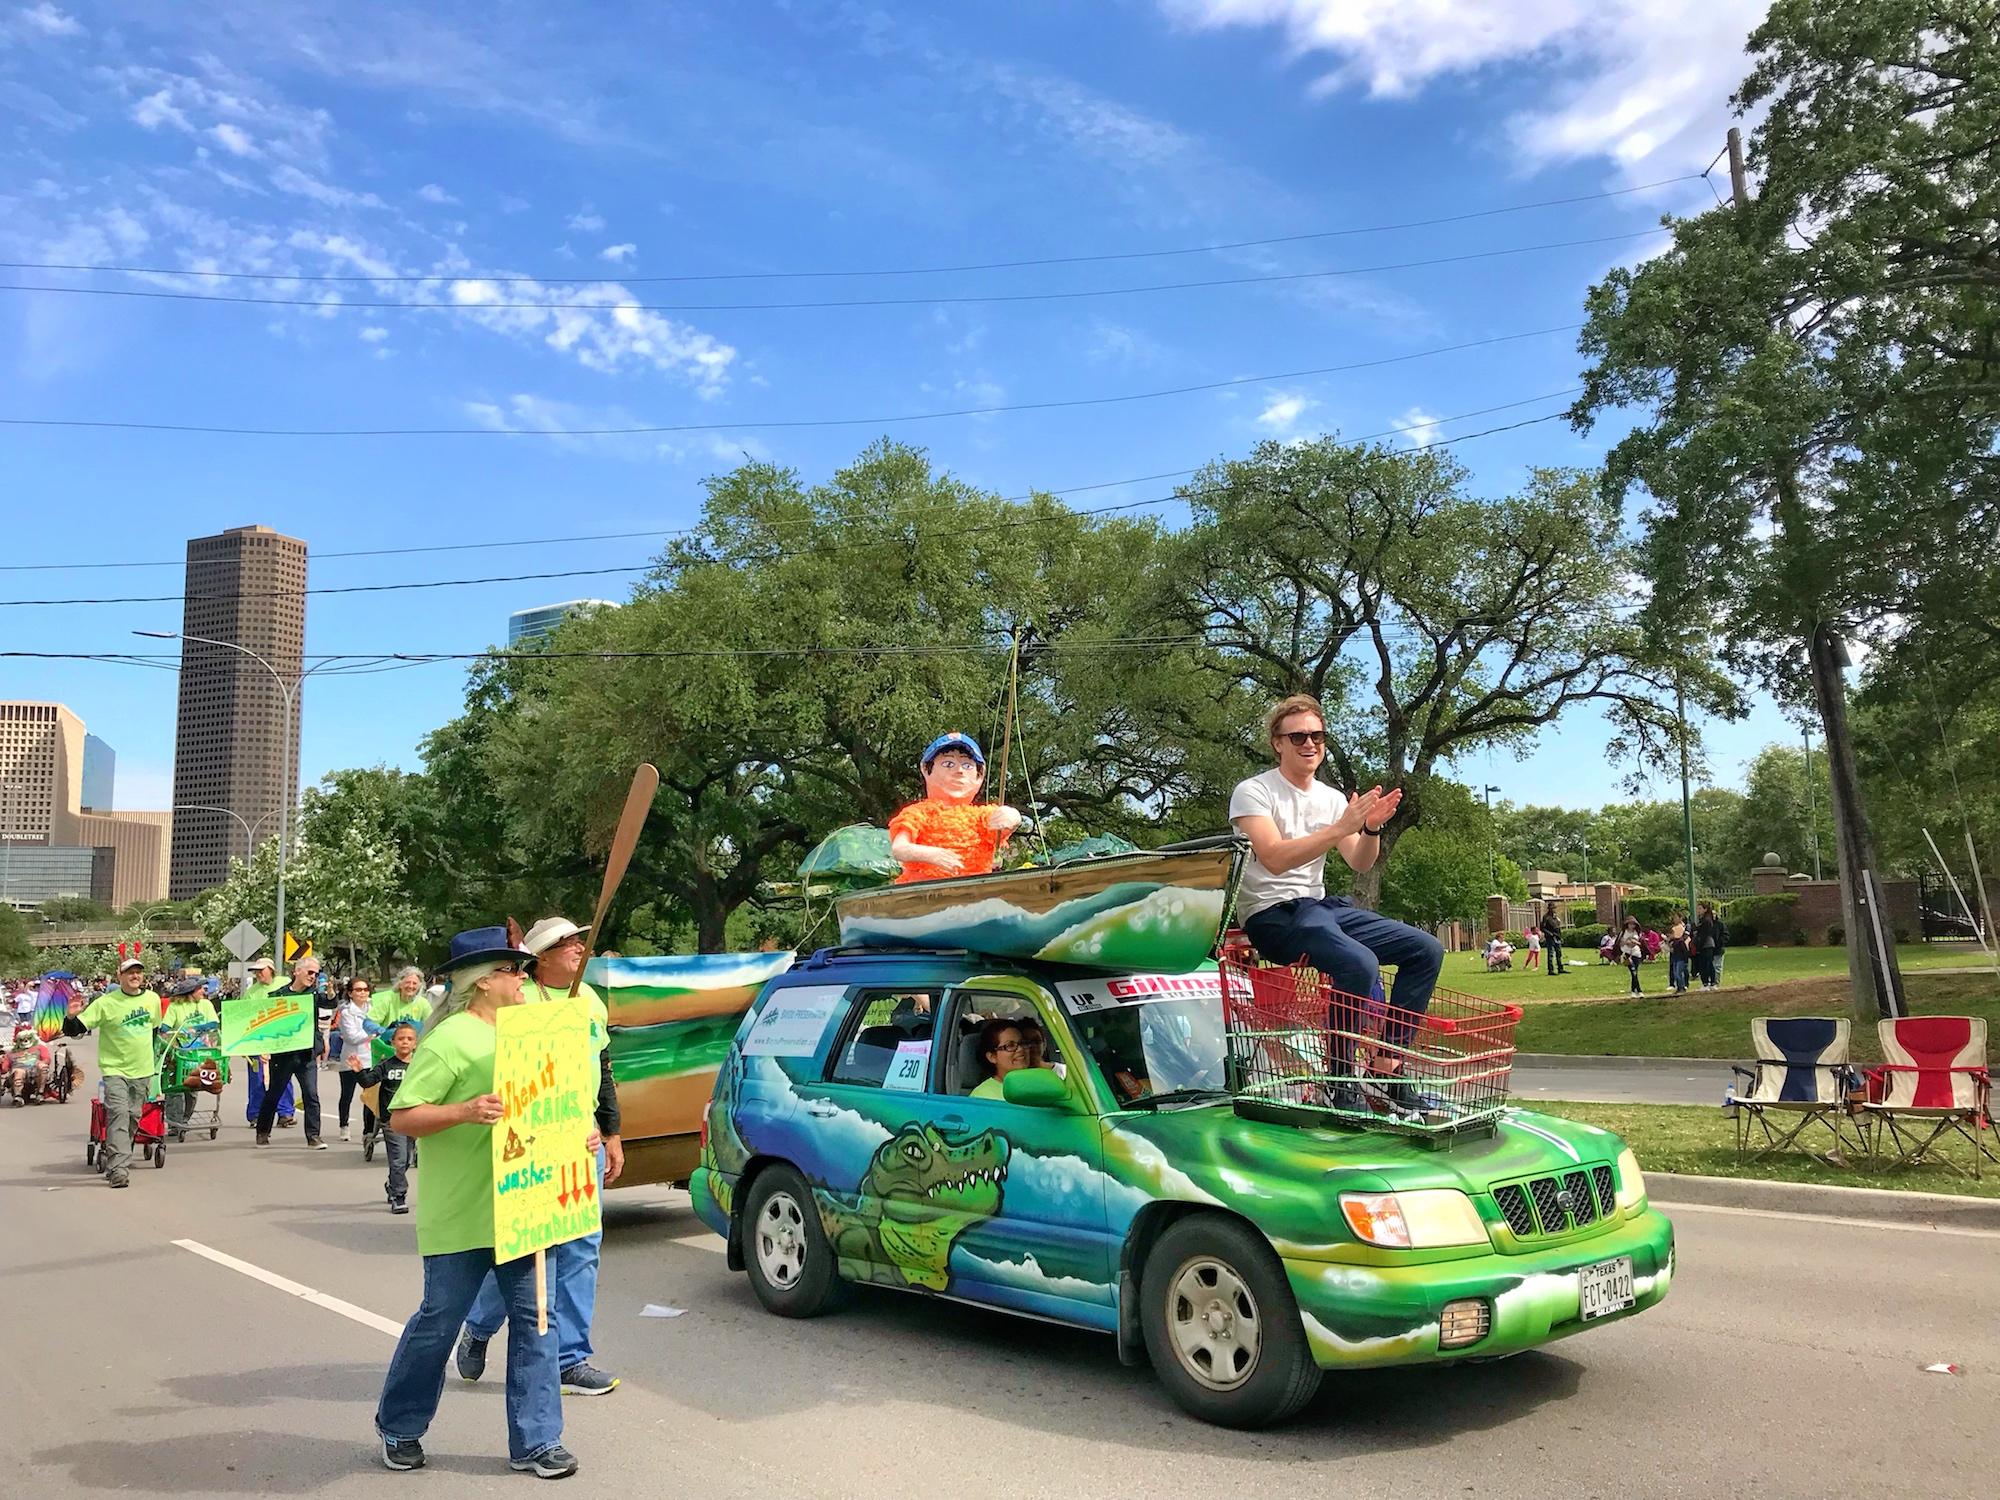 art-car-parade-houston49.jpg